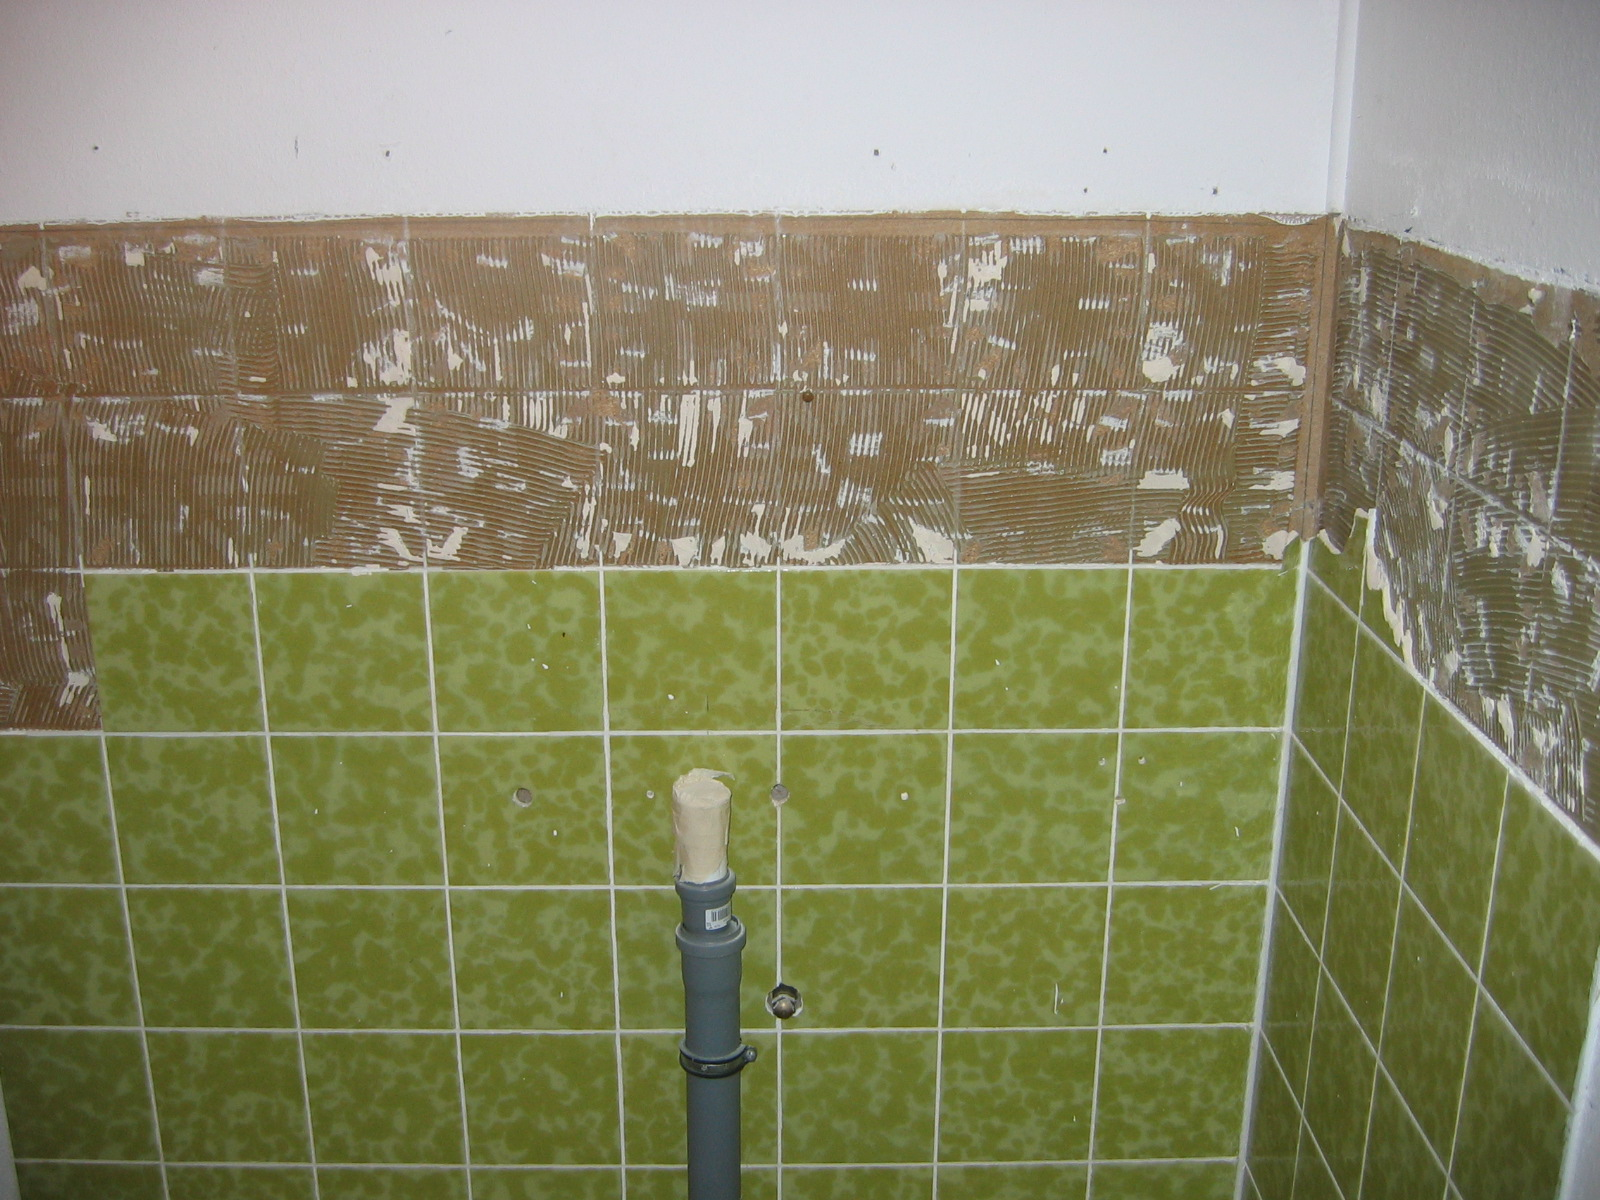 Wandpaneele U0026 Küchenspritzschutz   IKEA.AT   Paneele Badezimmer Ikea